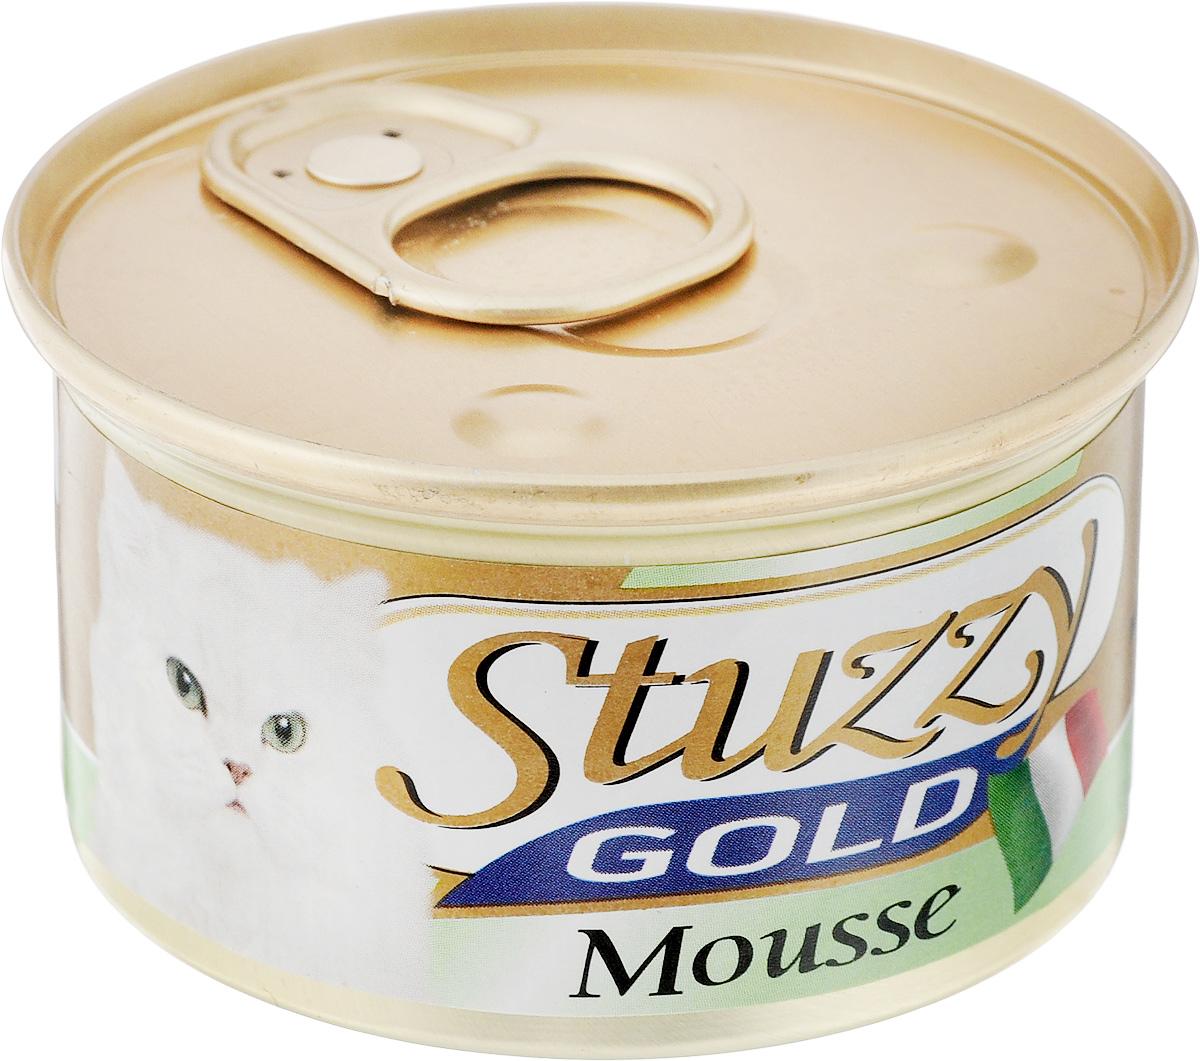 Консервы для взрослых кошек Stuzzy Gold, с телятиной, 85 г132.C421Консервы для кошек Stuzzy Gold - это дополнительный рацион для взрослых кошек. Корм обогащен таурином и витамином Е для поддержания правильной работы сердца и иммунной системы. Инулин обеспечивает всасывание питательных веществ, а биотин способствуют великолепному внешнему виду кожи и шерсти. Корм приготовлен на пару, не содержит красителей и консервантов.Состав: мясо и мясные субпродукты 60% (из них телятина10%).Питательная ценность: белок 11%, жир 8%, клетчатка 0,2%, зола 2,7%, влажность 78%. Питательные добавки (на кг): витамин А 1177 МЕ, витамин D3 700 МЕ, витамин Е 40 мг, таурин 300 мг, железо 63,14 мг, цинк 40,8 мг, медь 2,32 мг, марганец 3,25 мг, селен 0,155 мг, йод 0,76 мг, смола кассии 3000 мг. Товар сертифицирован.